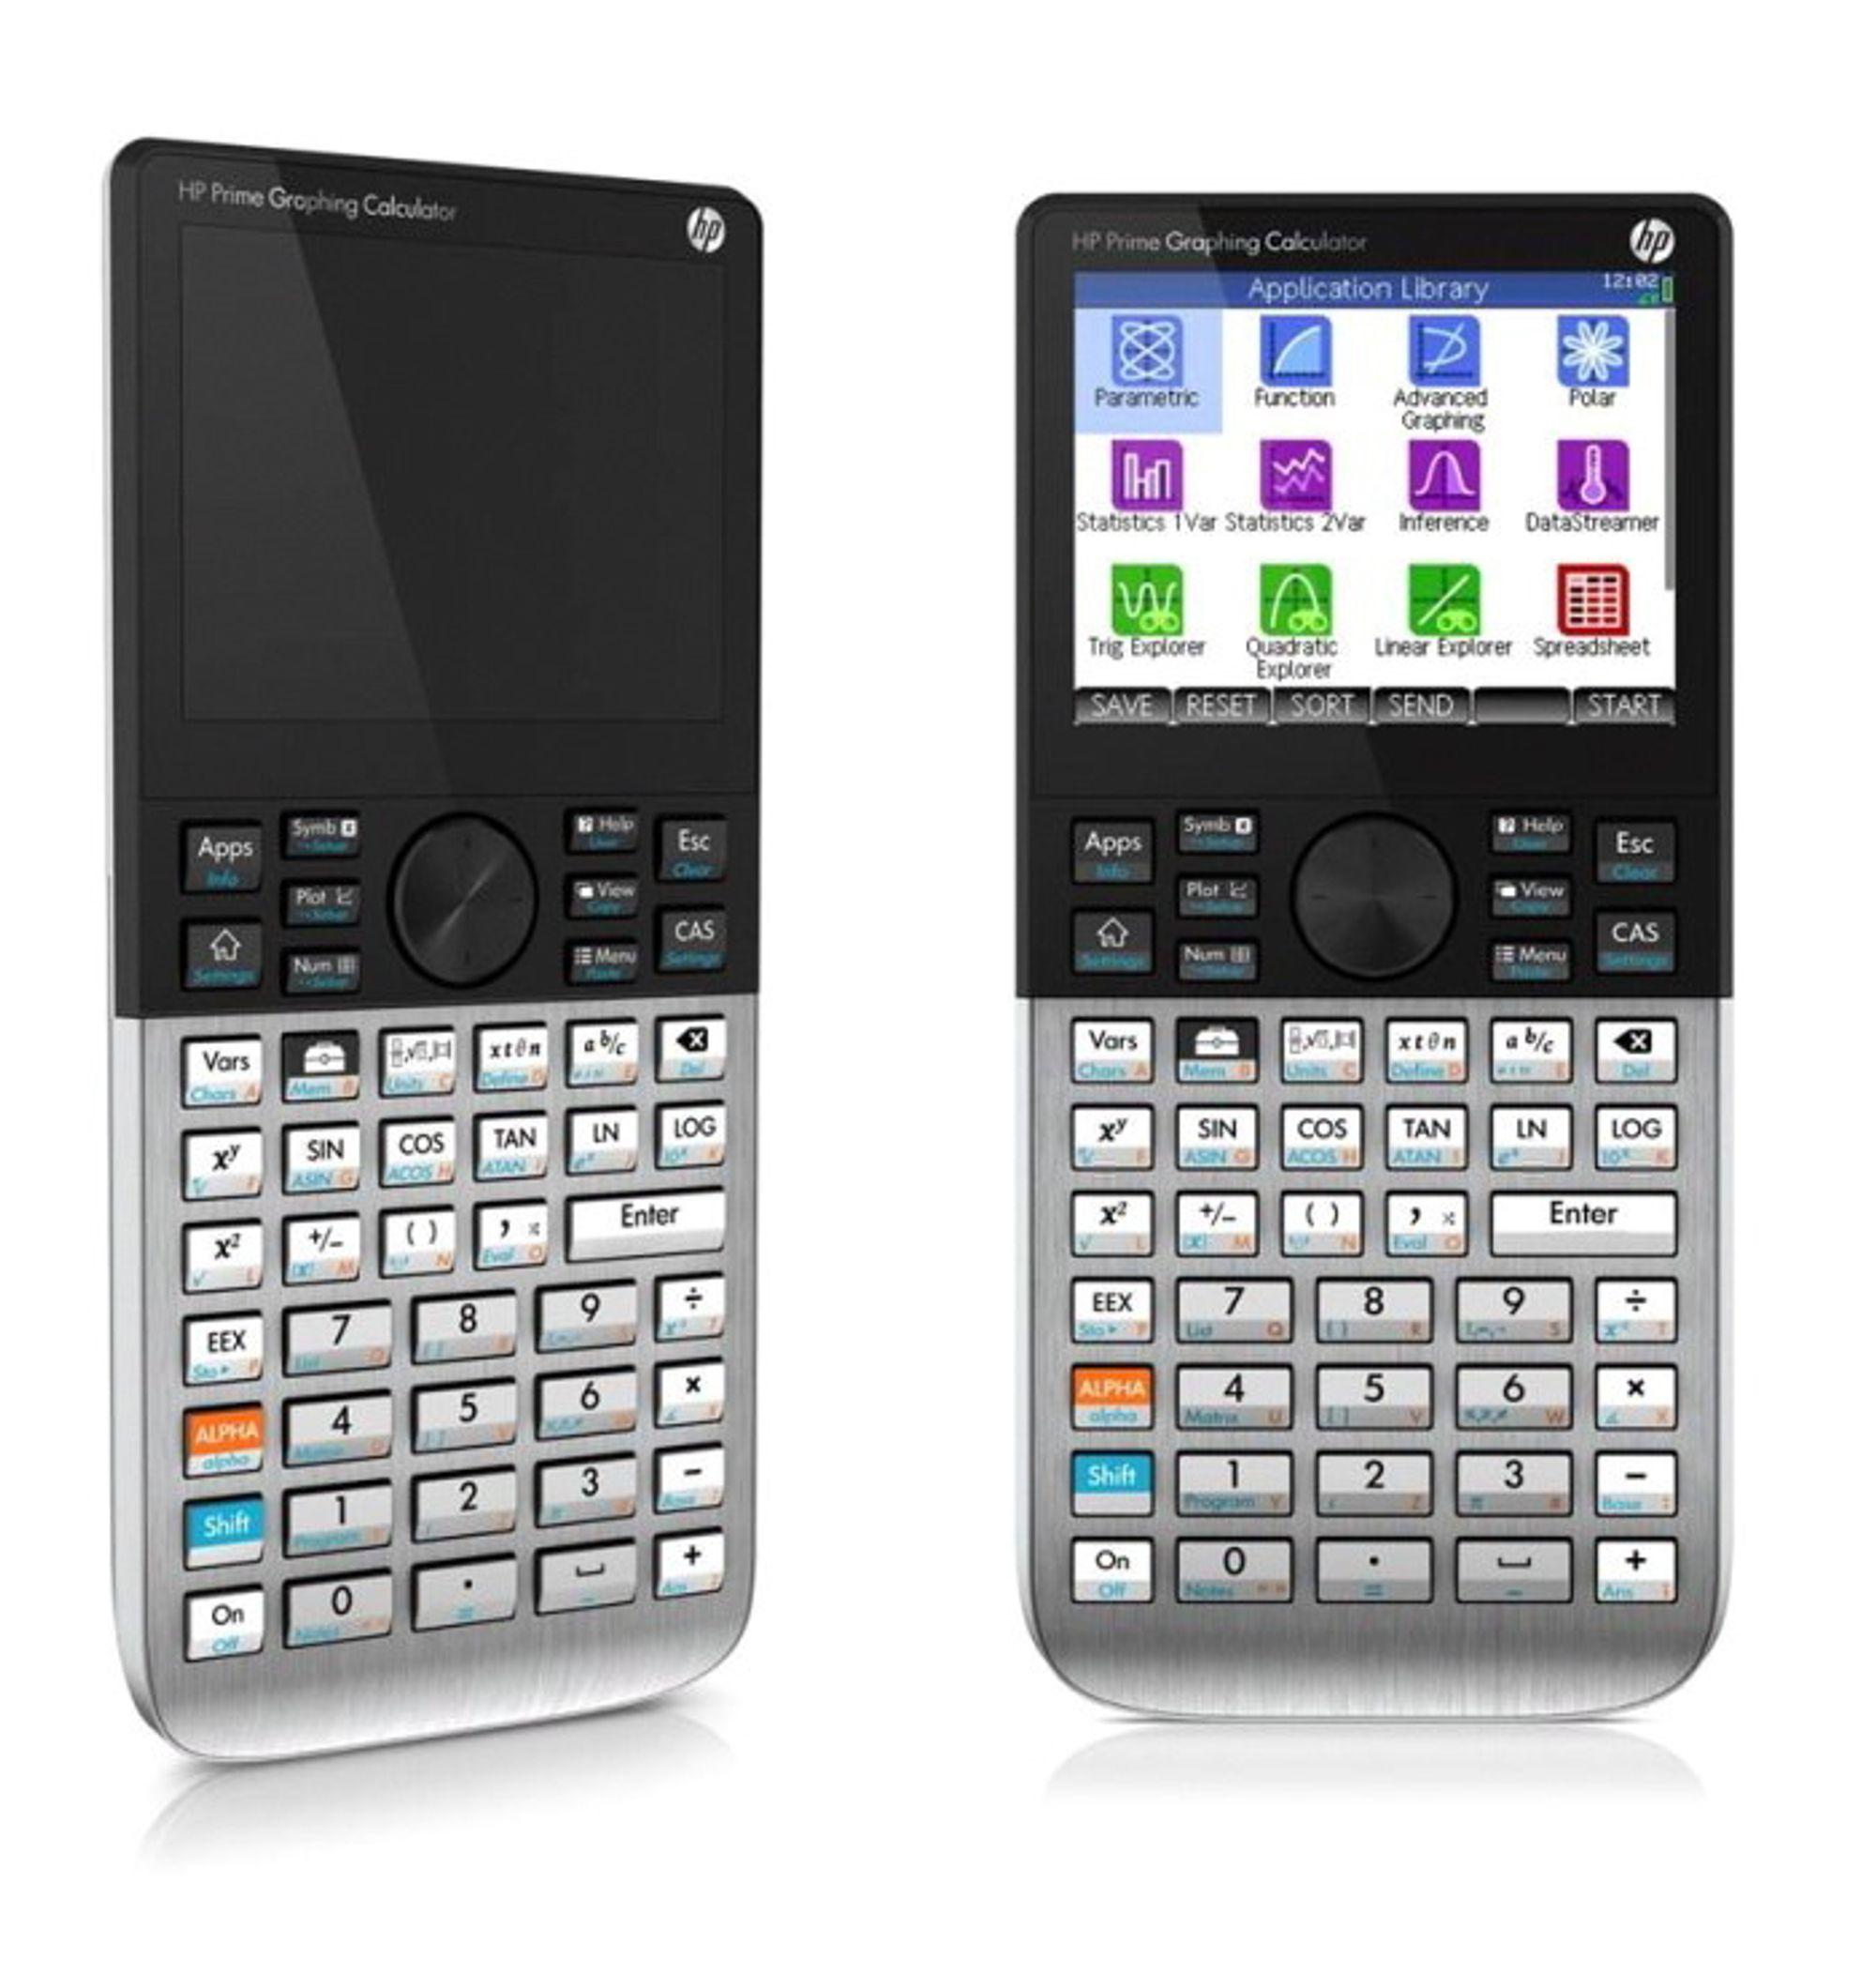 Lommematematiker: HP Prime Graphing Calculator er pakket full av matematikkapper og brukerne kan trekke og dra i grafene rett på skjermen.